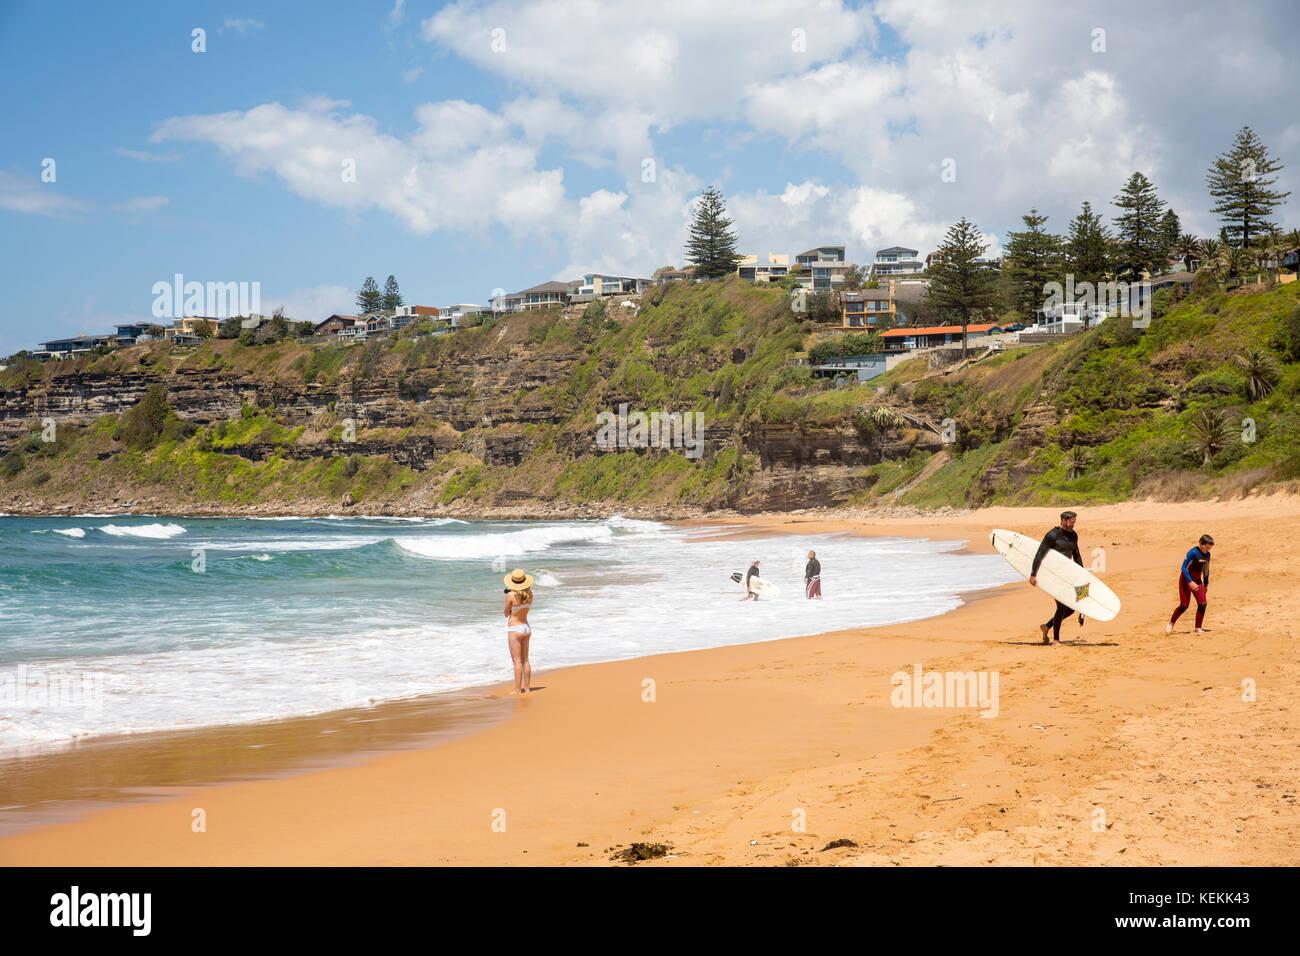 Surfer auf bungan Strand, beliebten Surf Beach am nördlichen Strände von Sydney, New South Wales, Australien Stockfoto